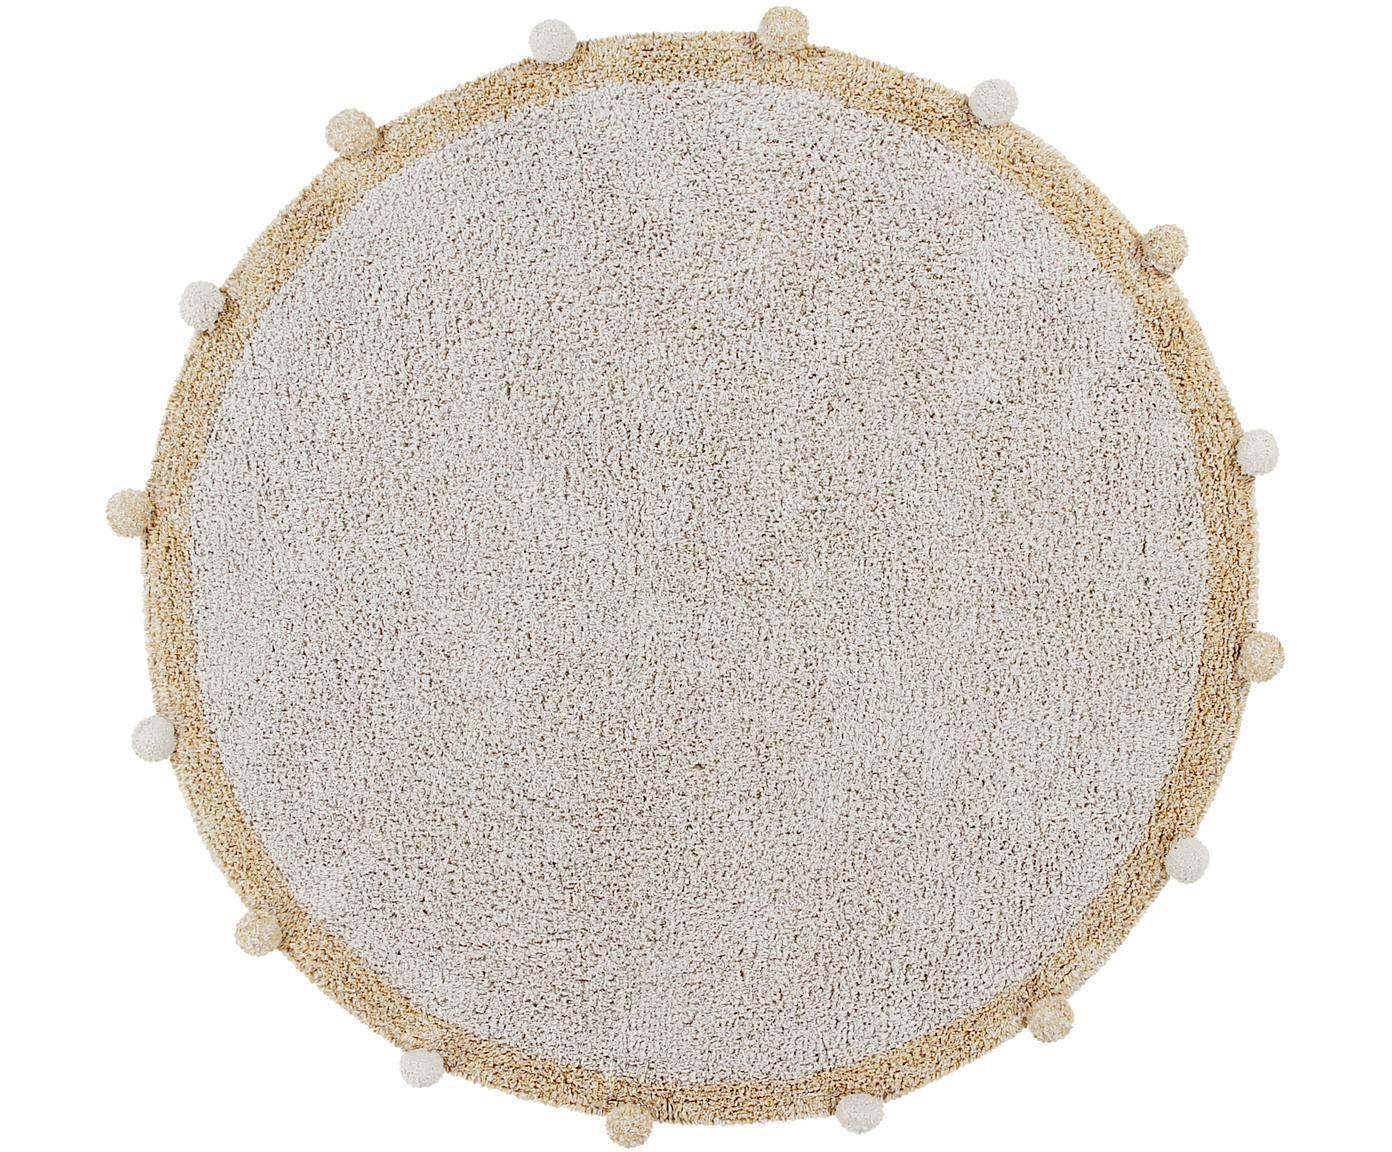 Tappeto rotondo lavabile fatto a mano Bubbly, 97% cotone riciclato, 3% altre fibre Oeko-Tex Standard 100, Crema, giallo, Ø 120 cm